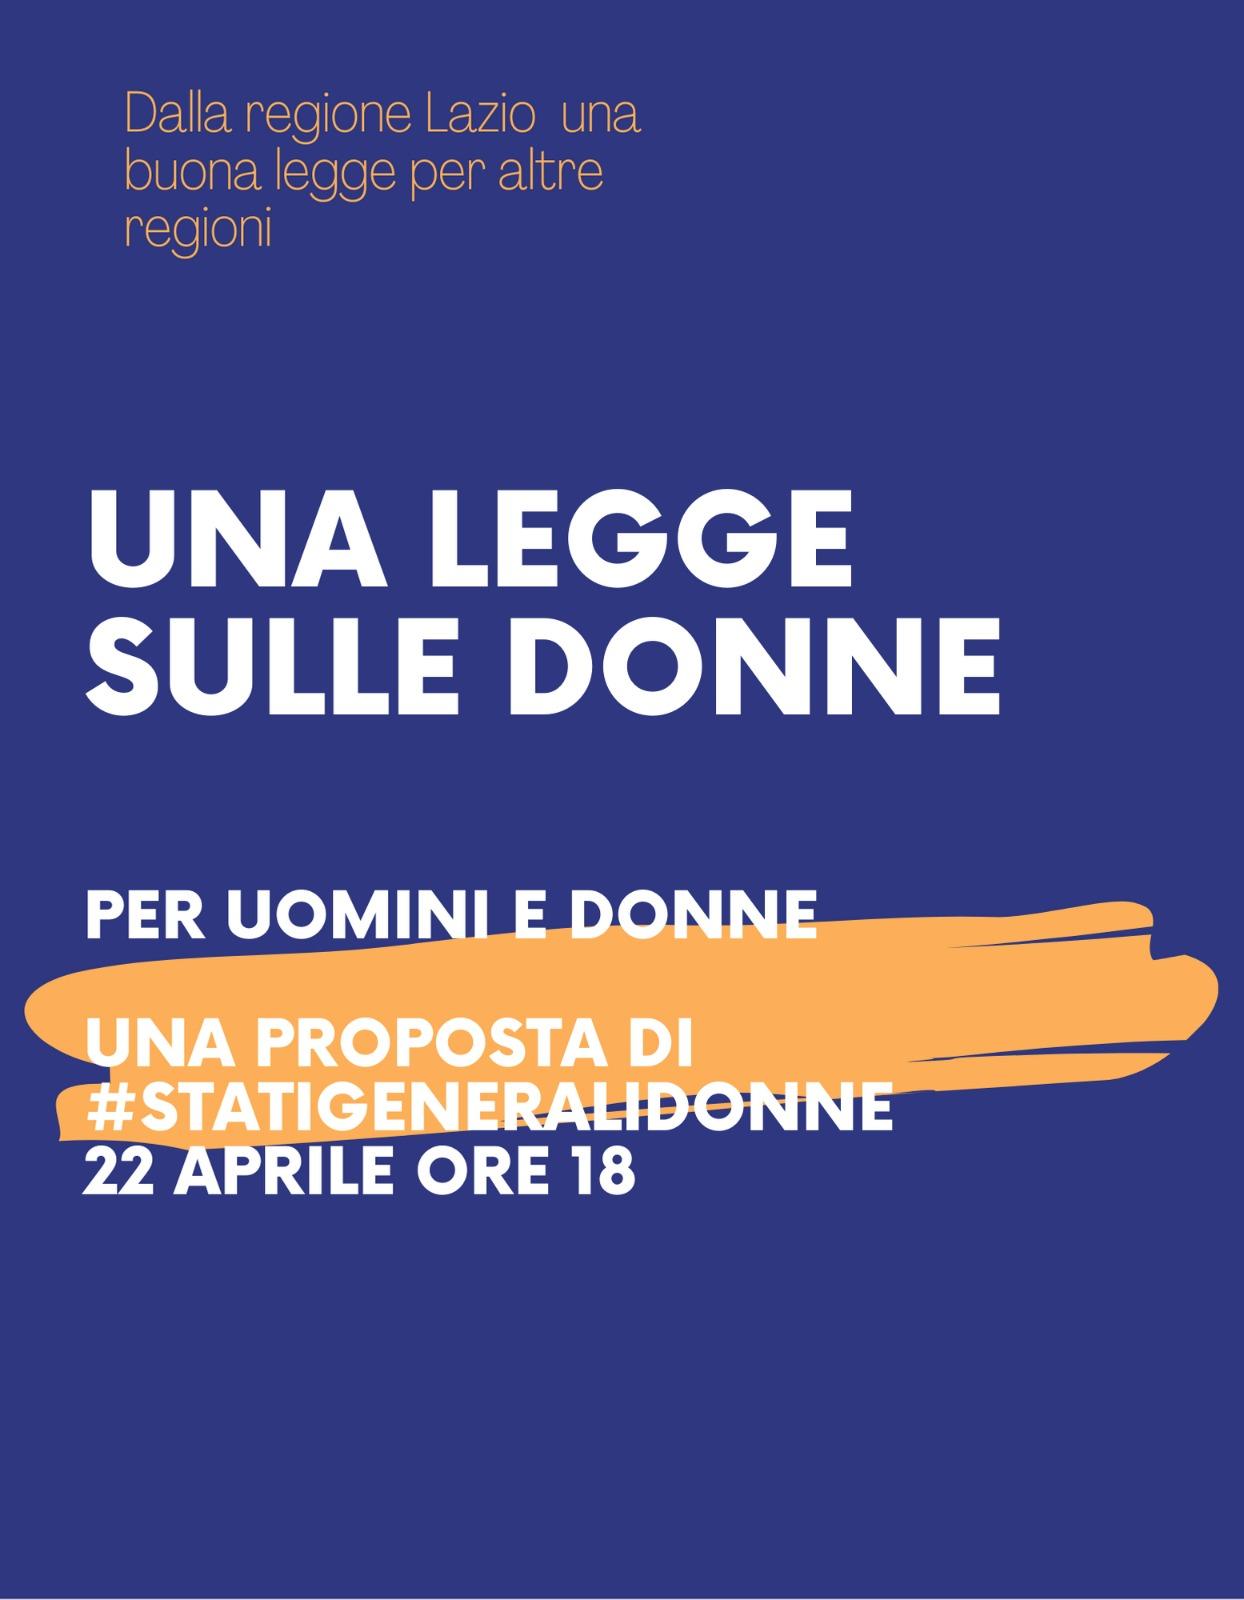 Occupazione femminile, il 22 aprile Stati Generali delle Donne on line